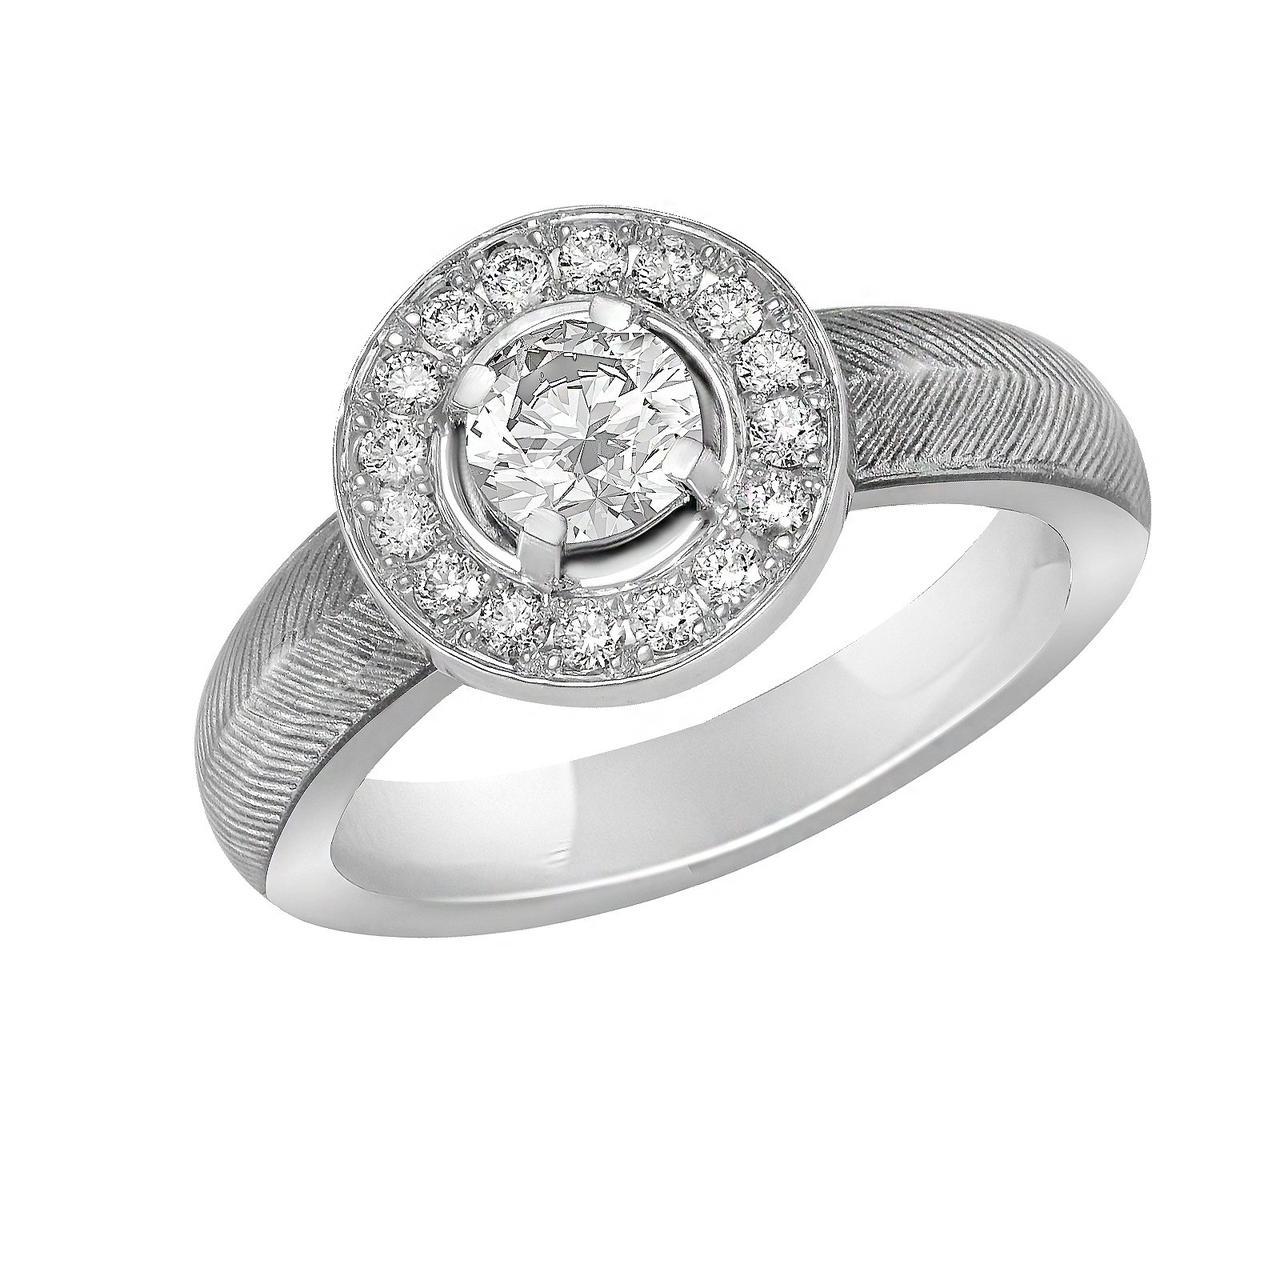 Золотое кольцо с бриллиантами, размер 16.5 (1617414)